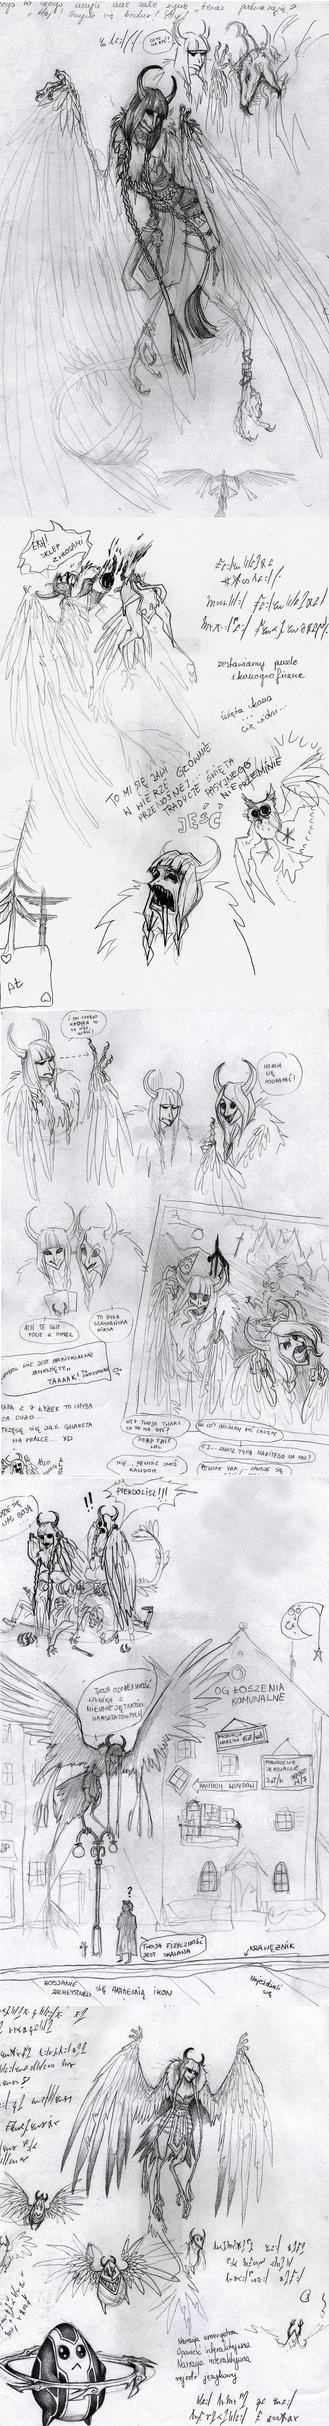 Harpy sketch dump by Krzeslo-H